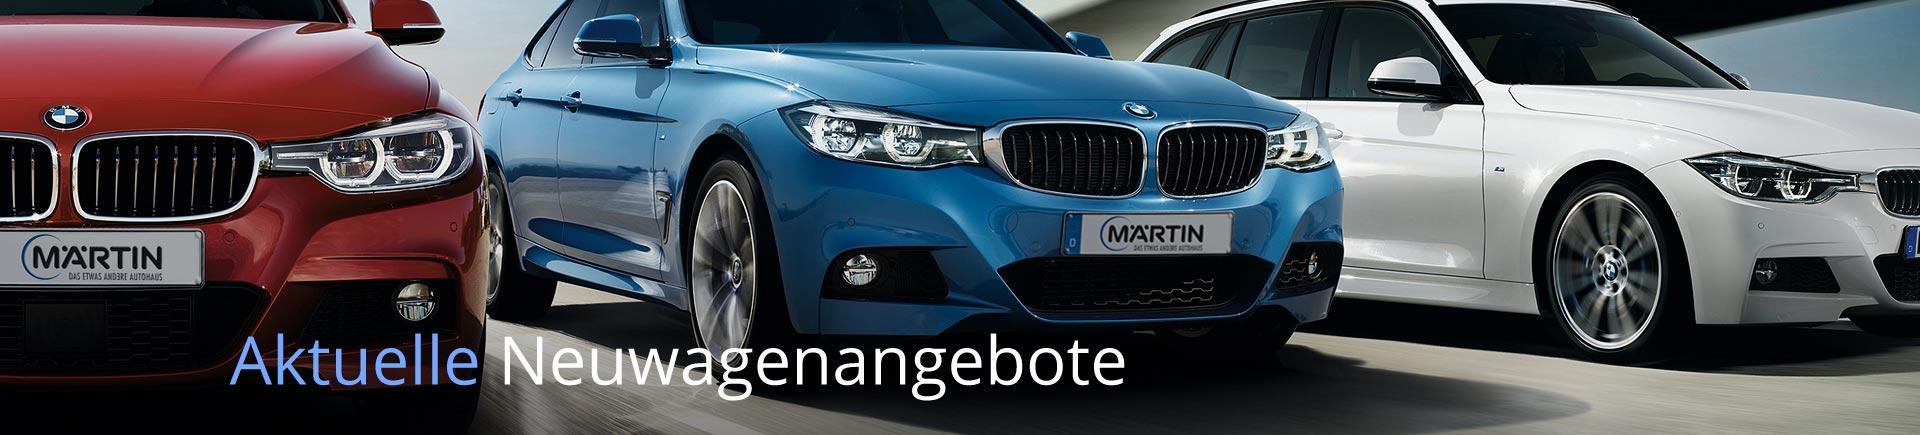 Aktuellle Neuwagenangebote auf bmw-maertin.de